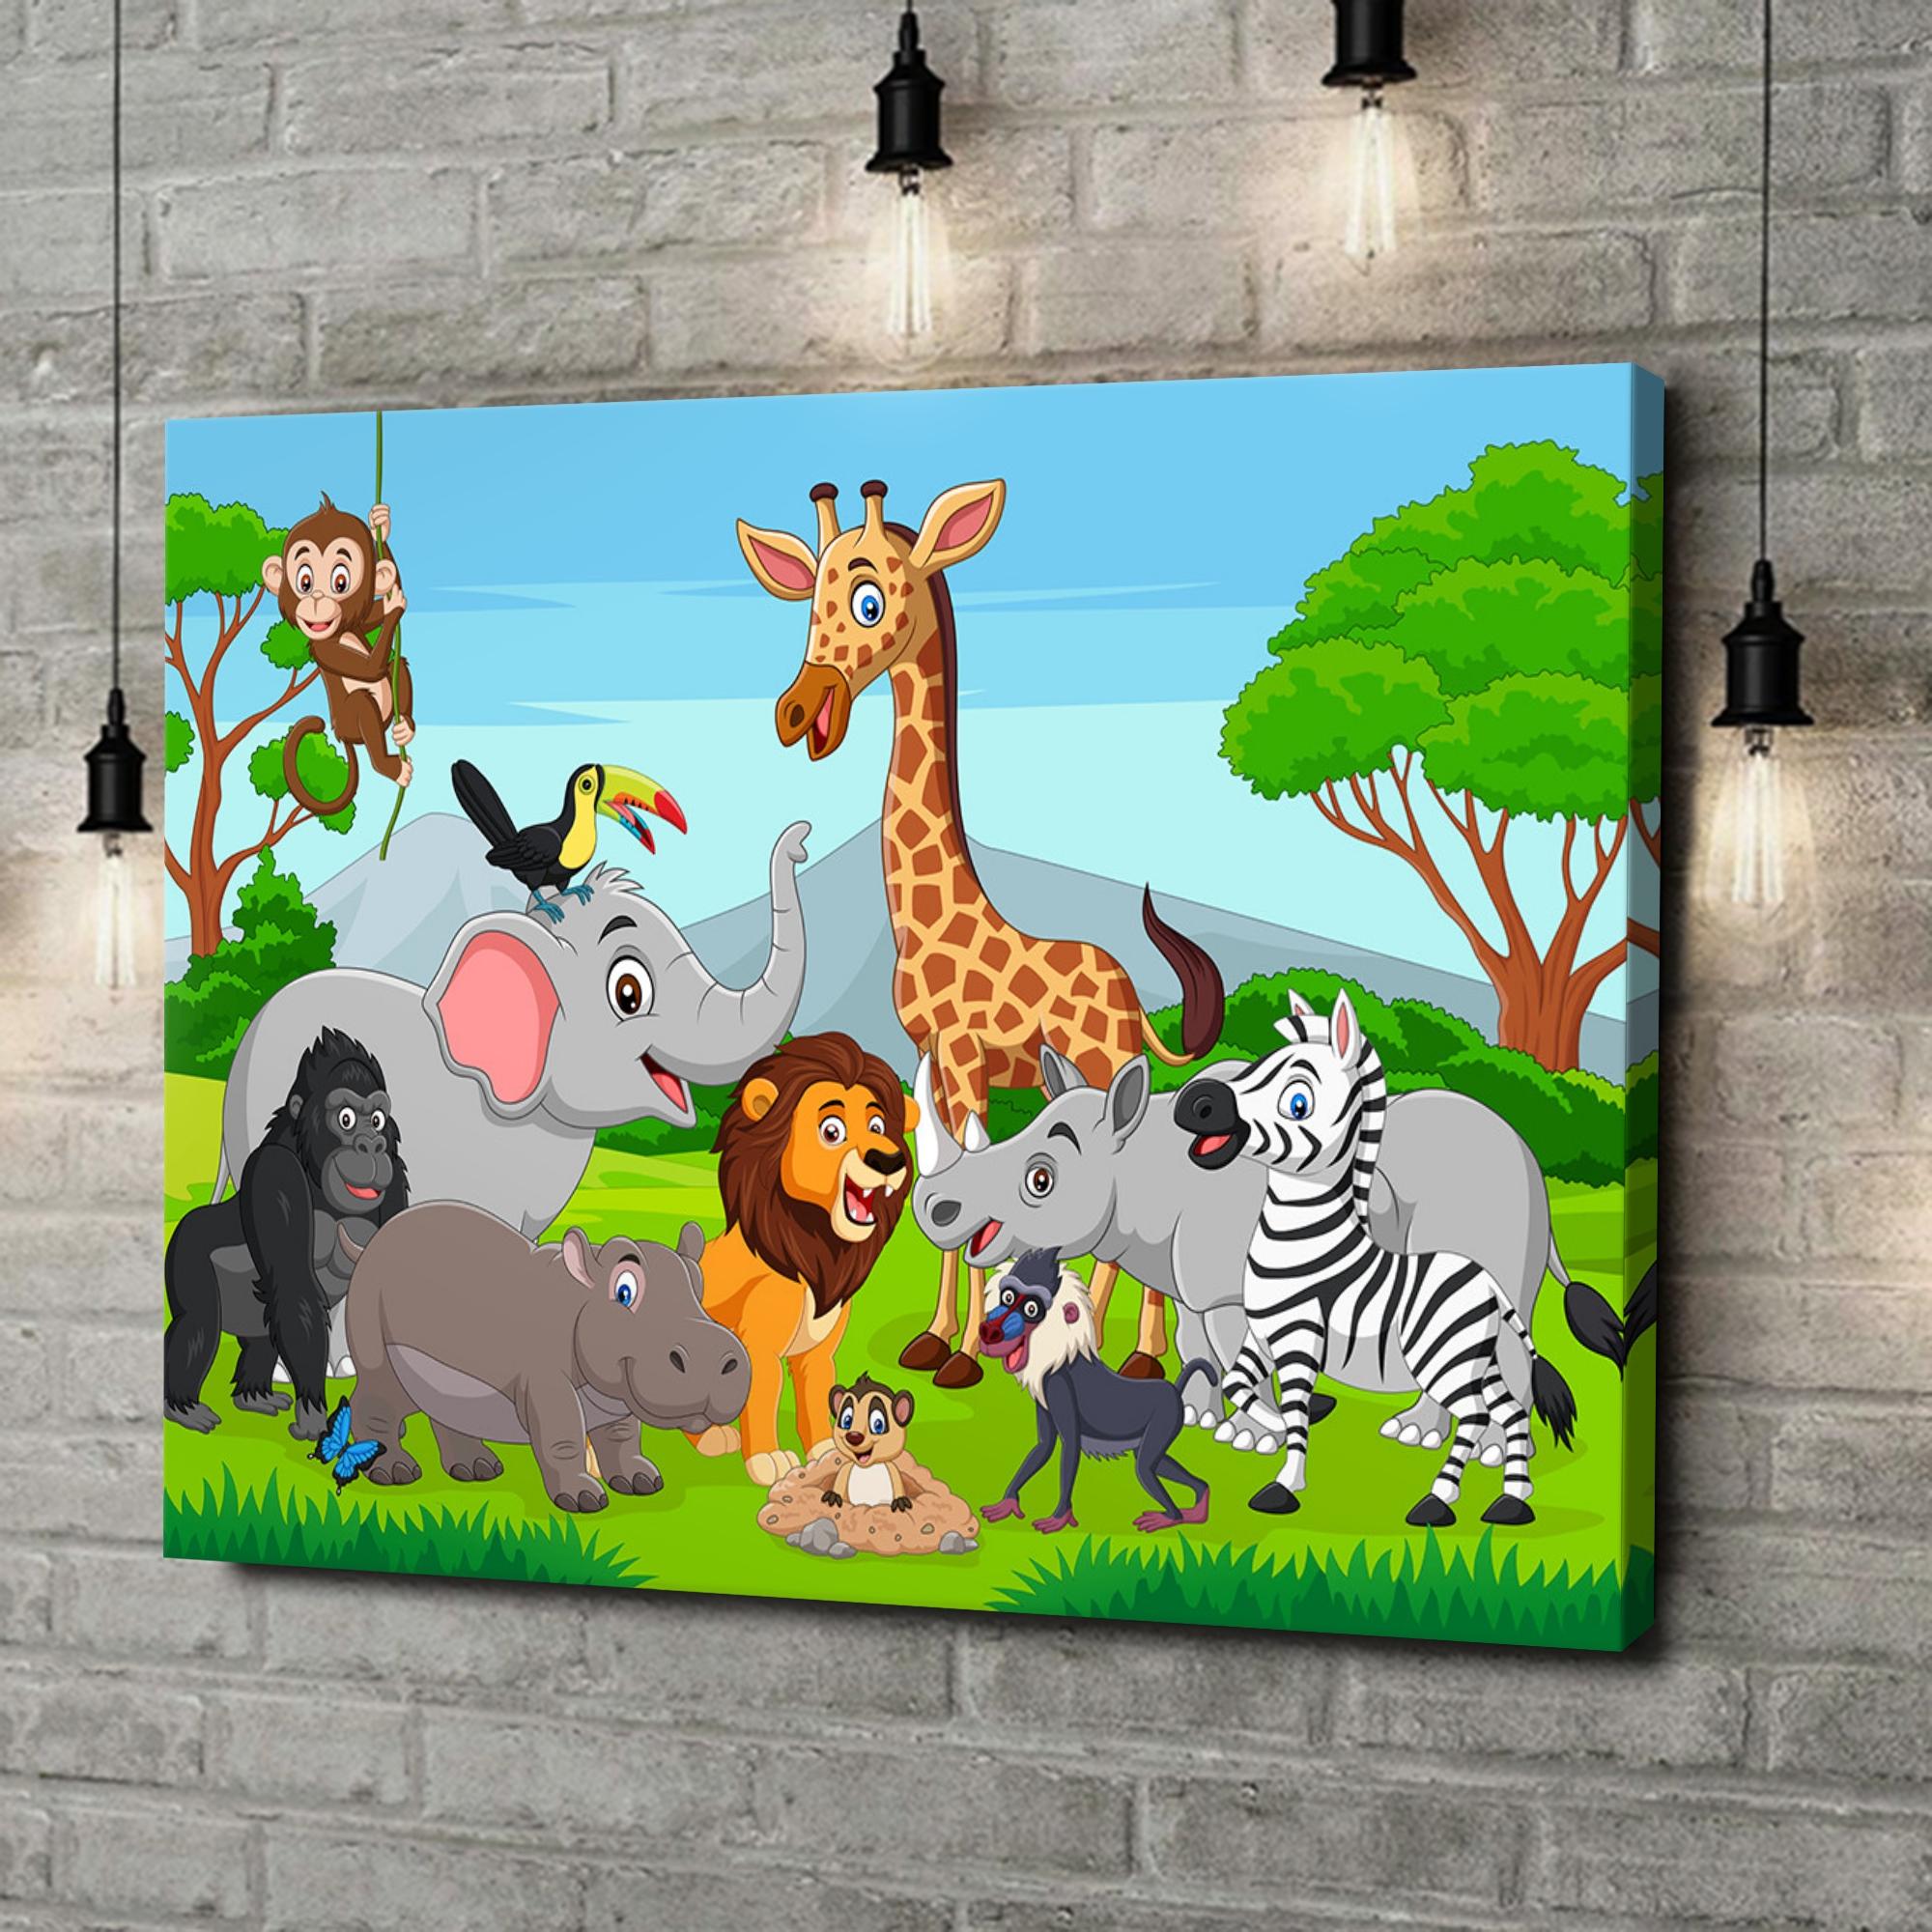 Leinwandbild personalisiert Cartoon Tiere